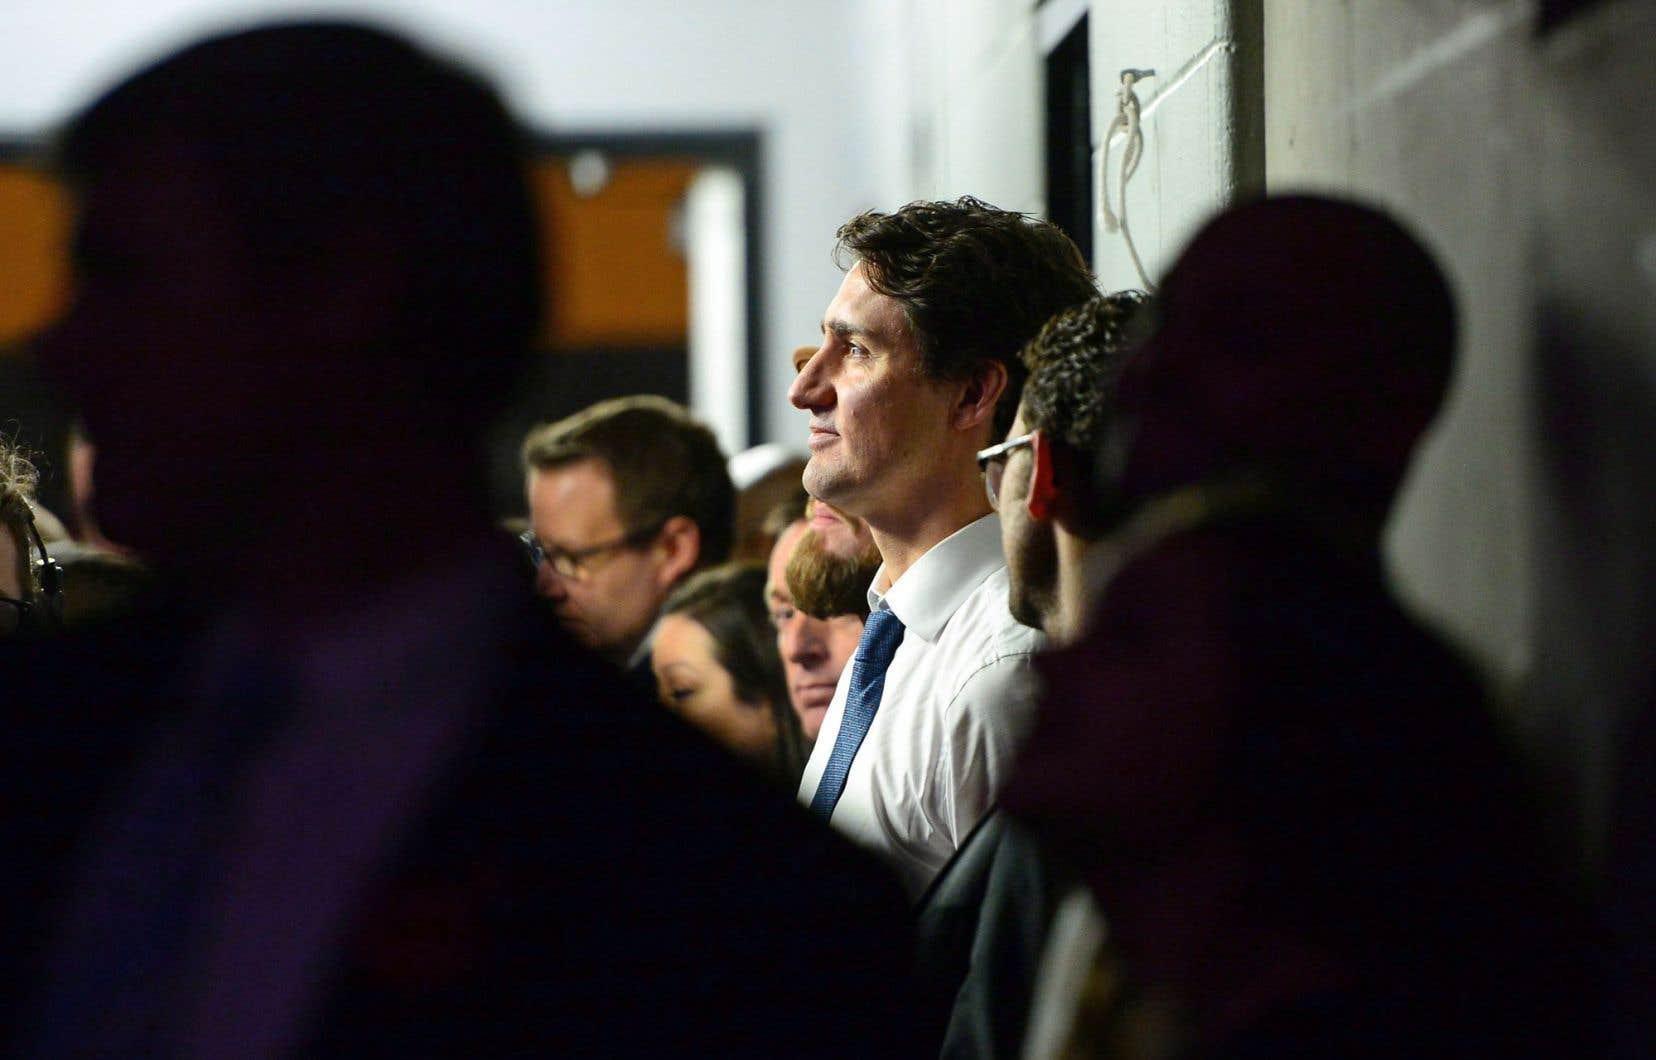 Justin Trudeau, diplomatique, a félicité le nouveau président élu des États-Unis. Malgré cette politesse requise, le choc était visible.